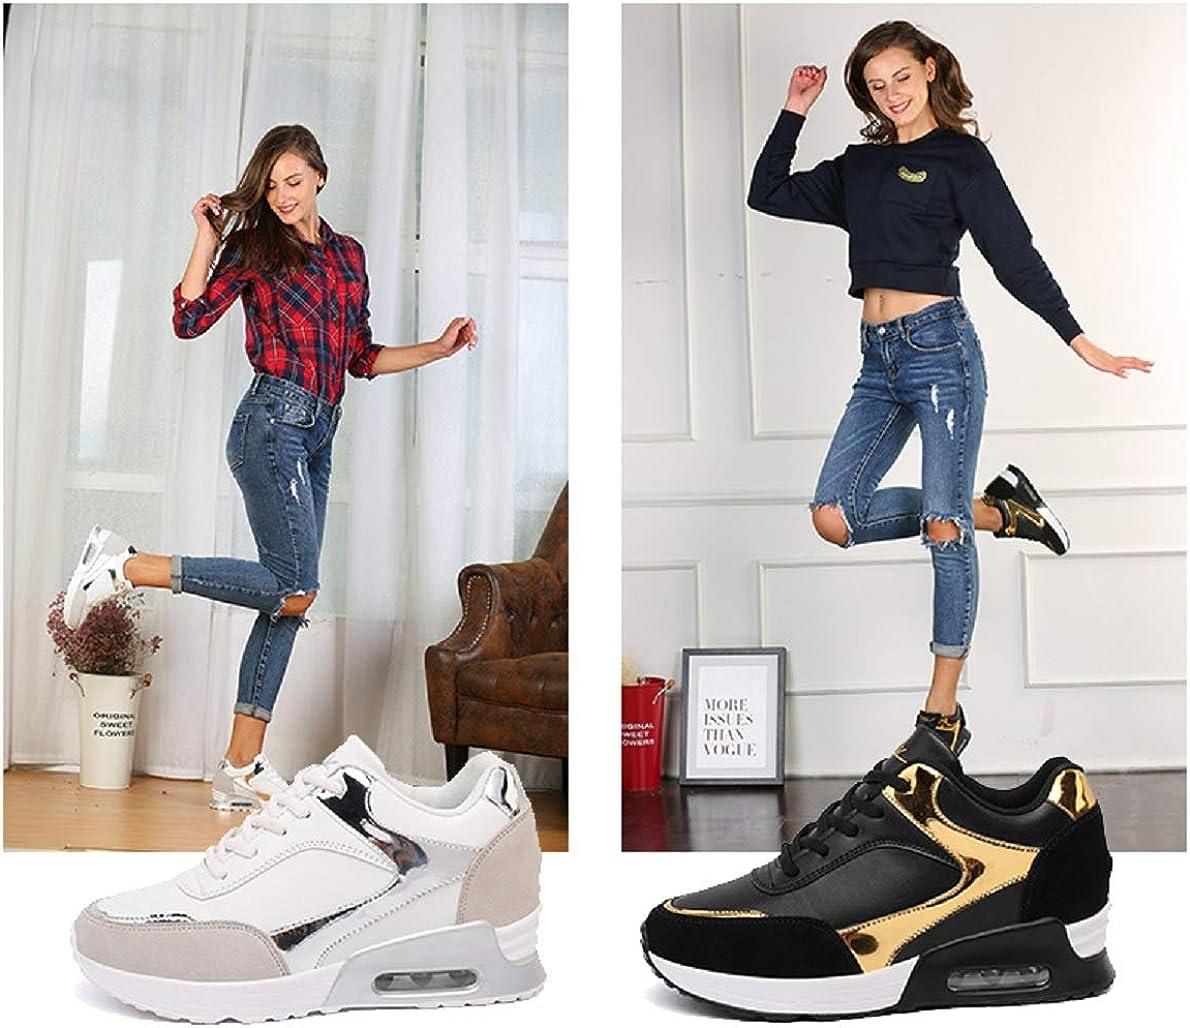 AONEGOLD/® Femme Basket a Talon Compens/ées Chaussures de Course Sport Fitness Sneakers Confortable Plateforme